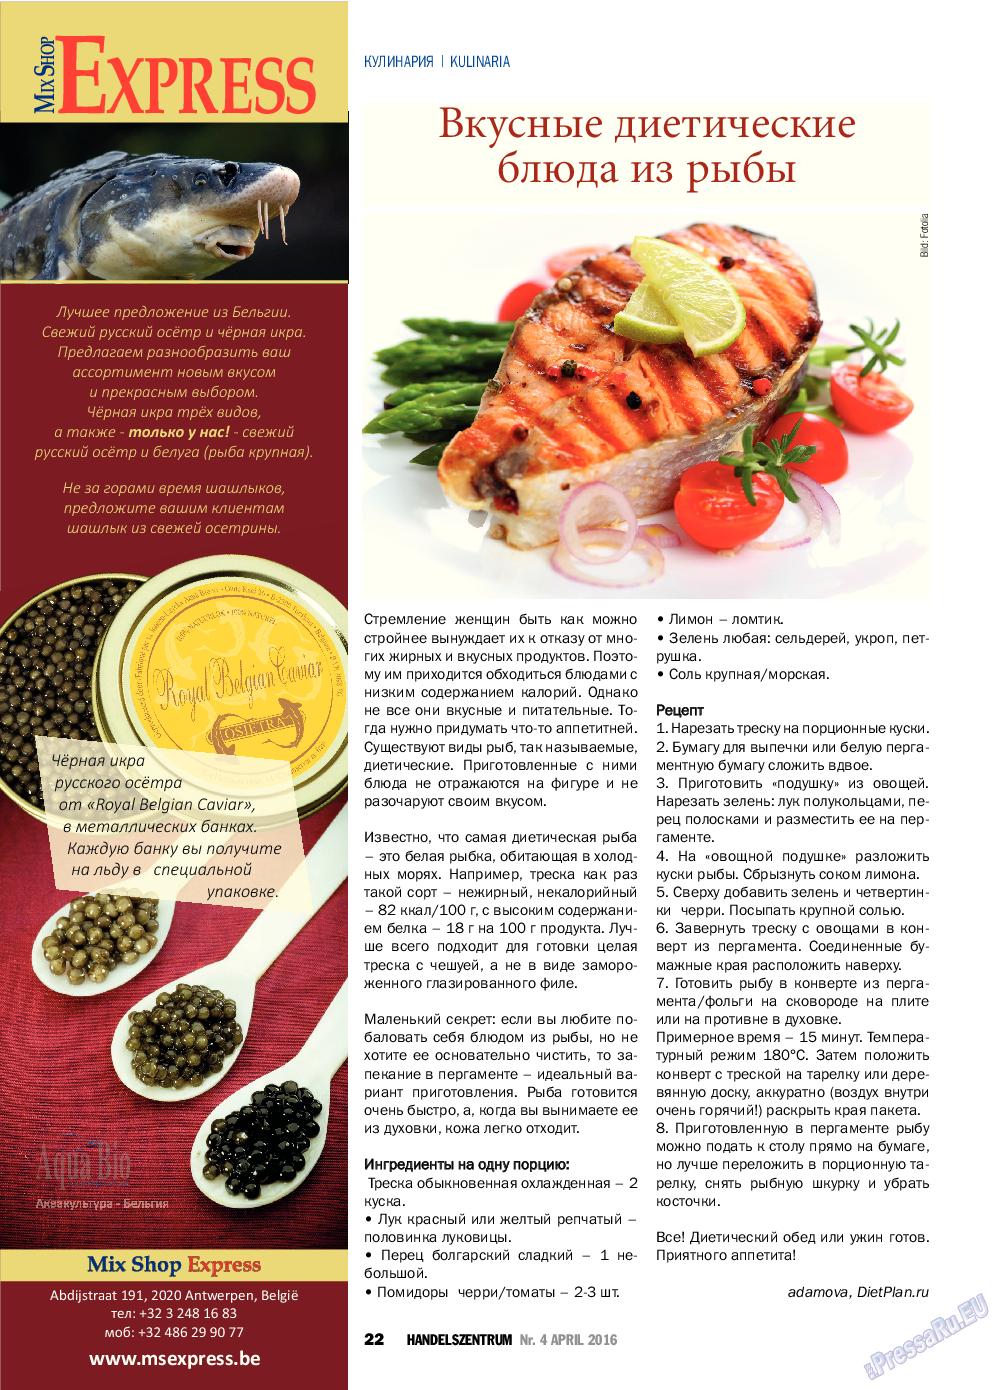 Рецепты низкокалорийных блюд для похудения